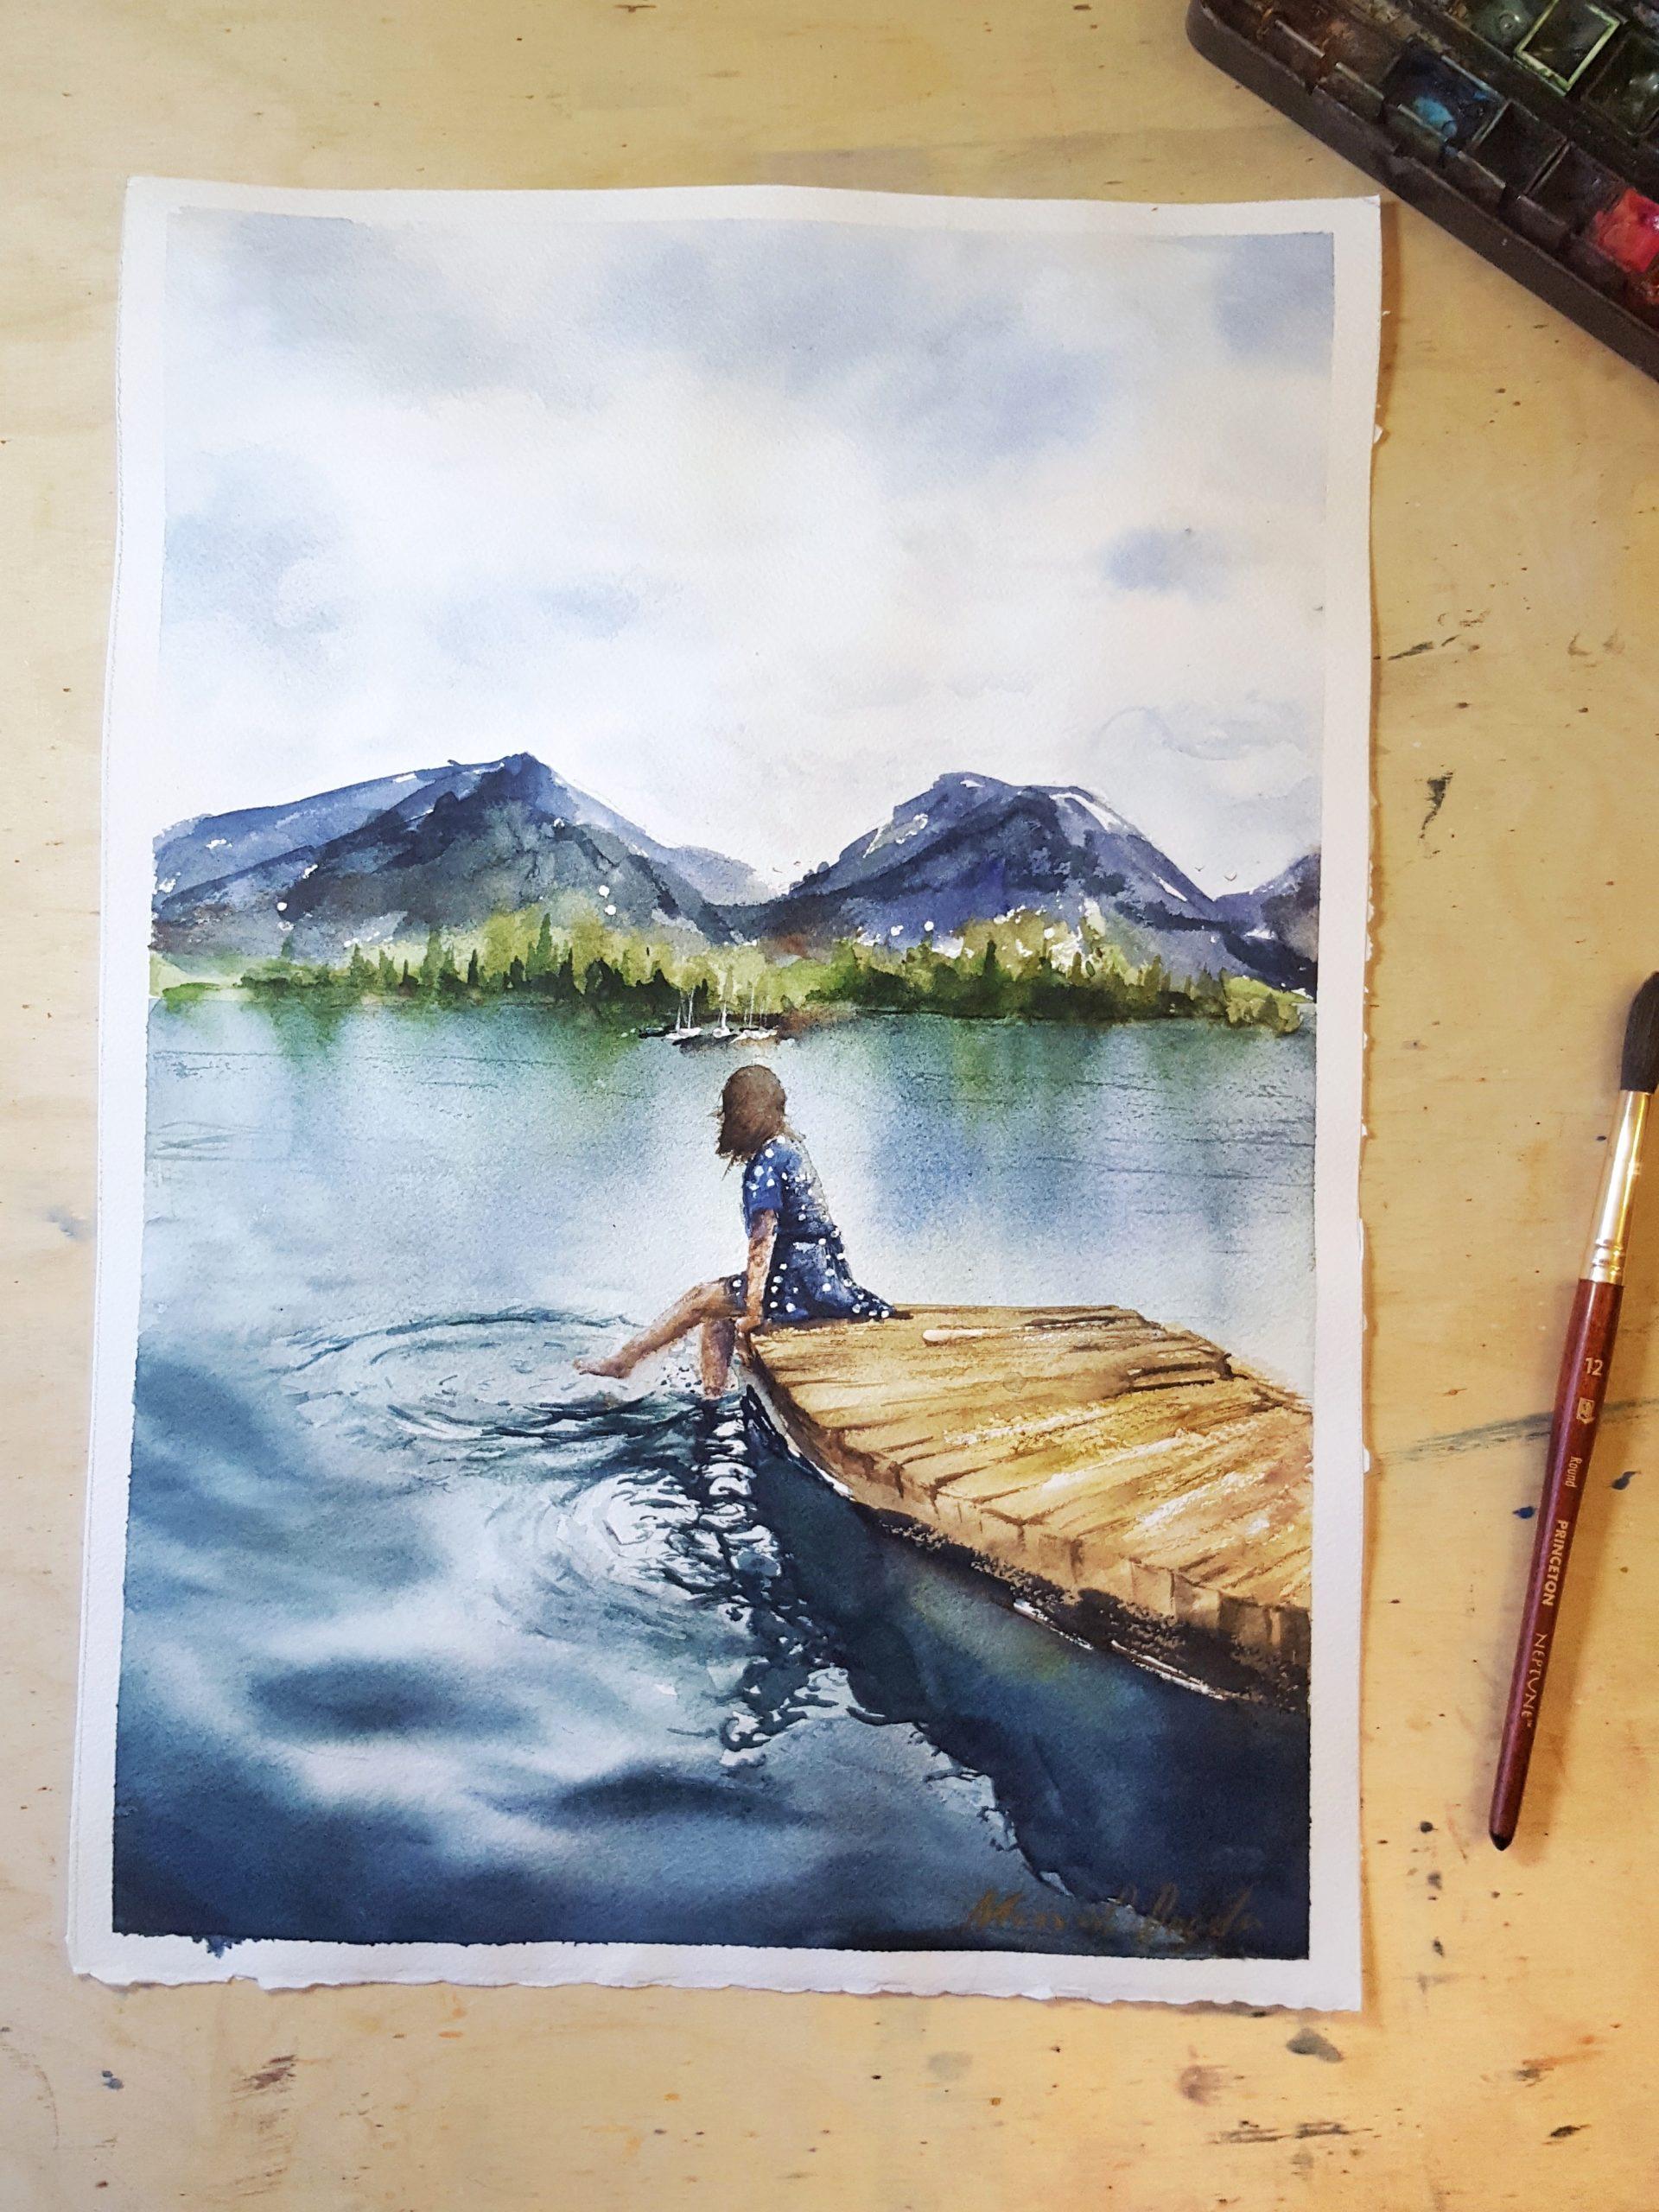 aquarell-kunst-unikate